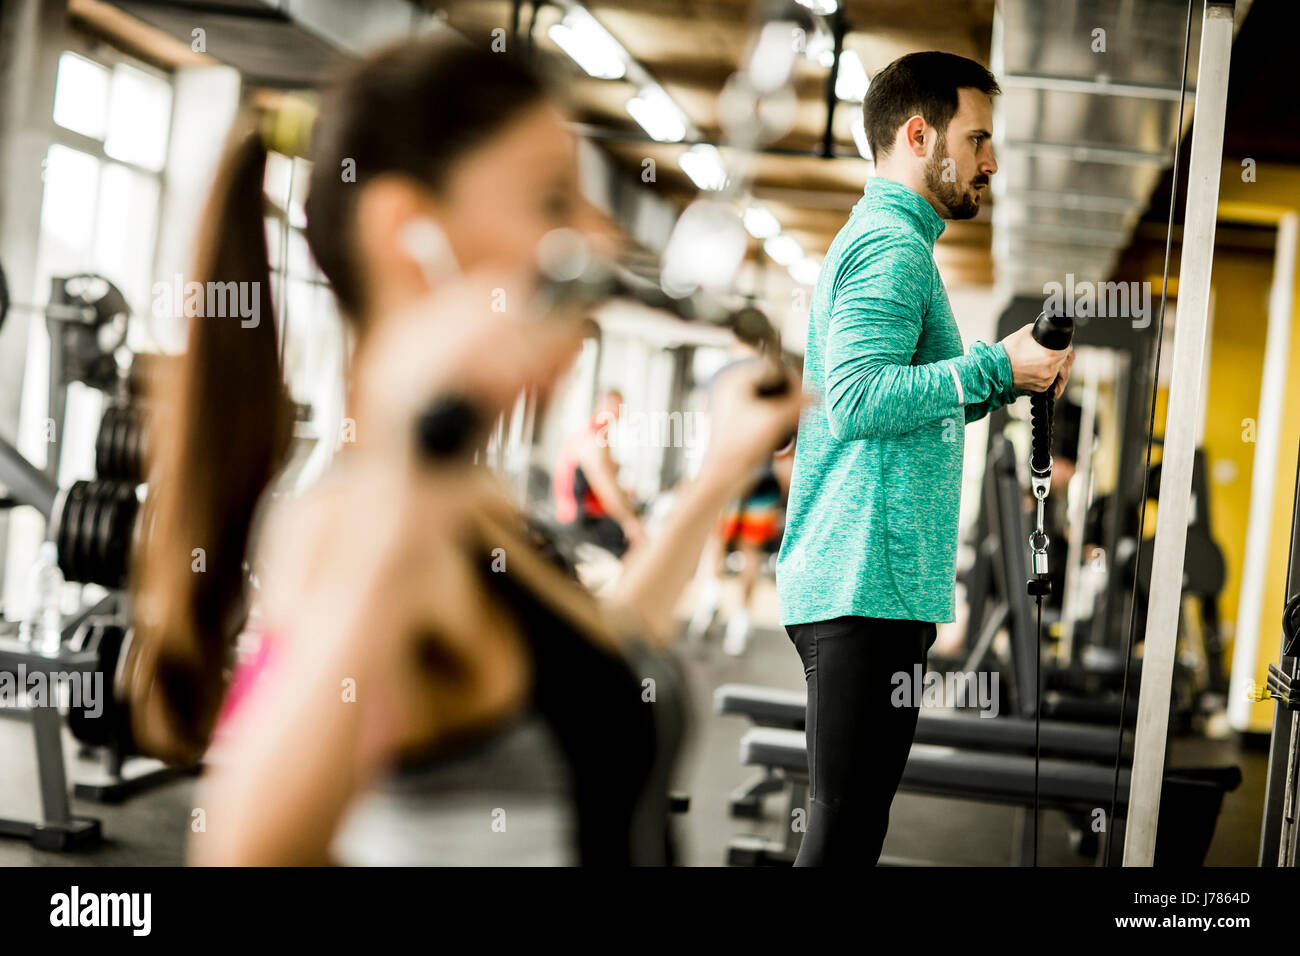 Pareja joven ejercicio culturismo ejercicios en el moderno gimnasio Imagen De Stock